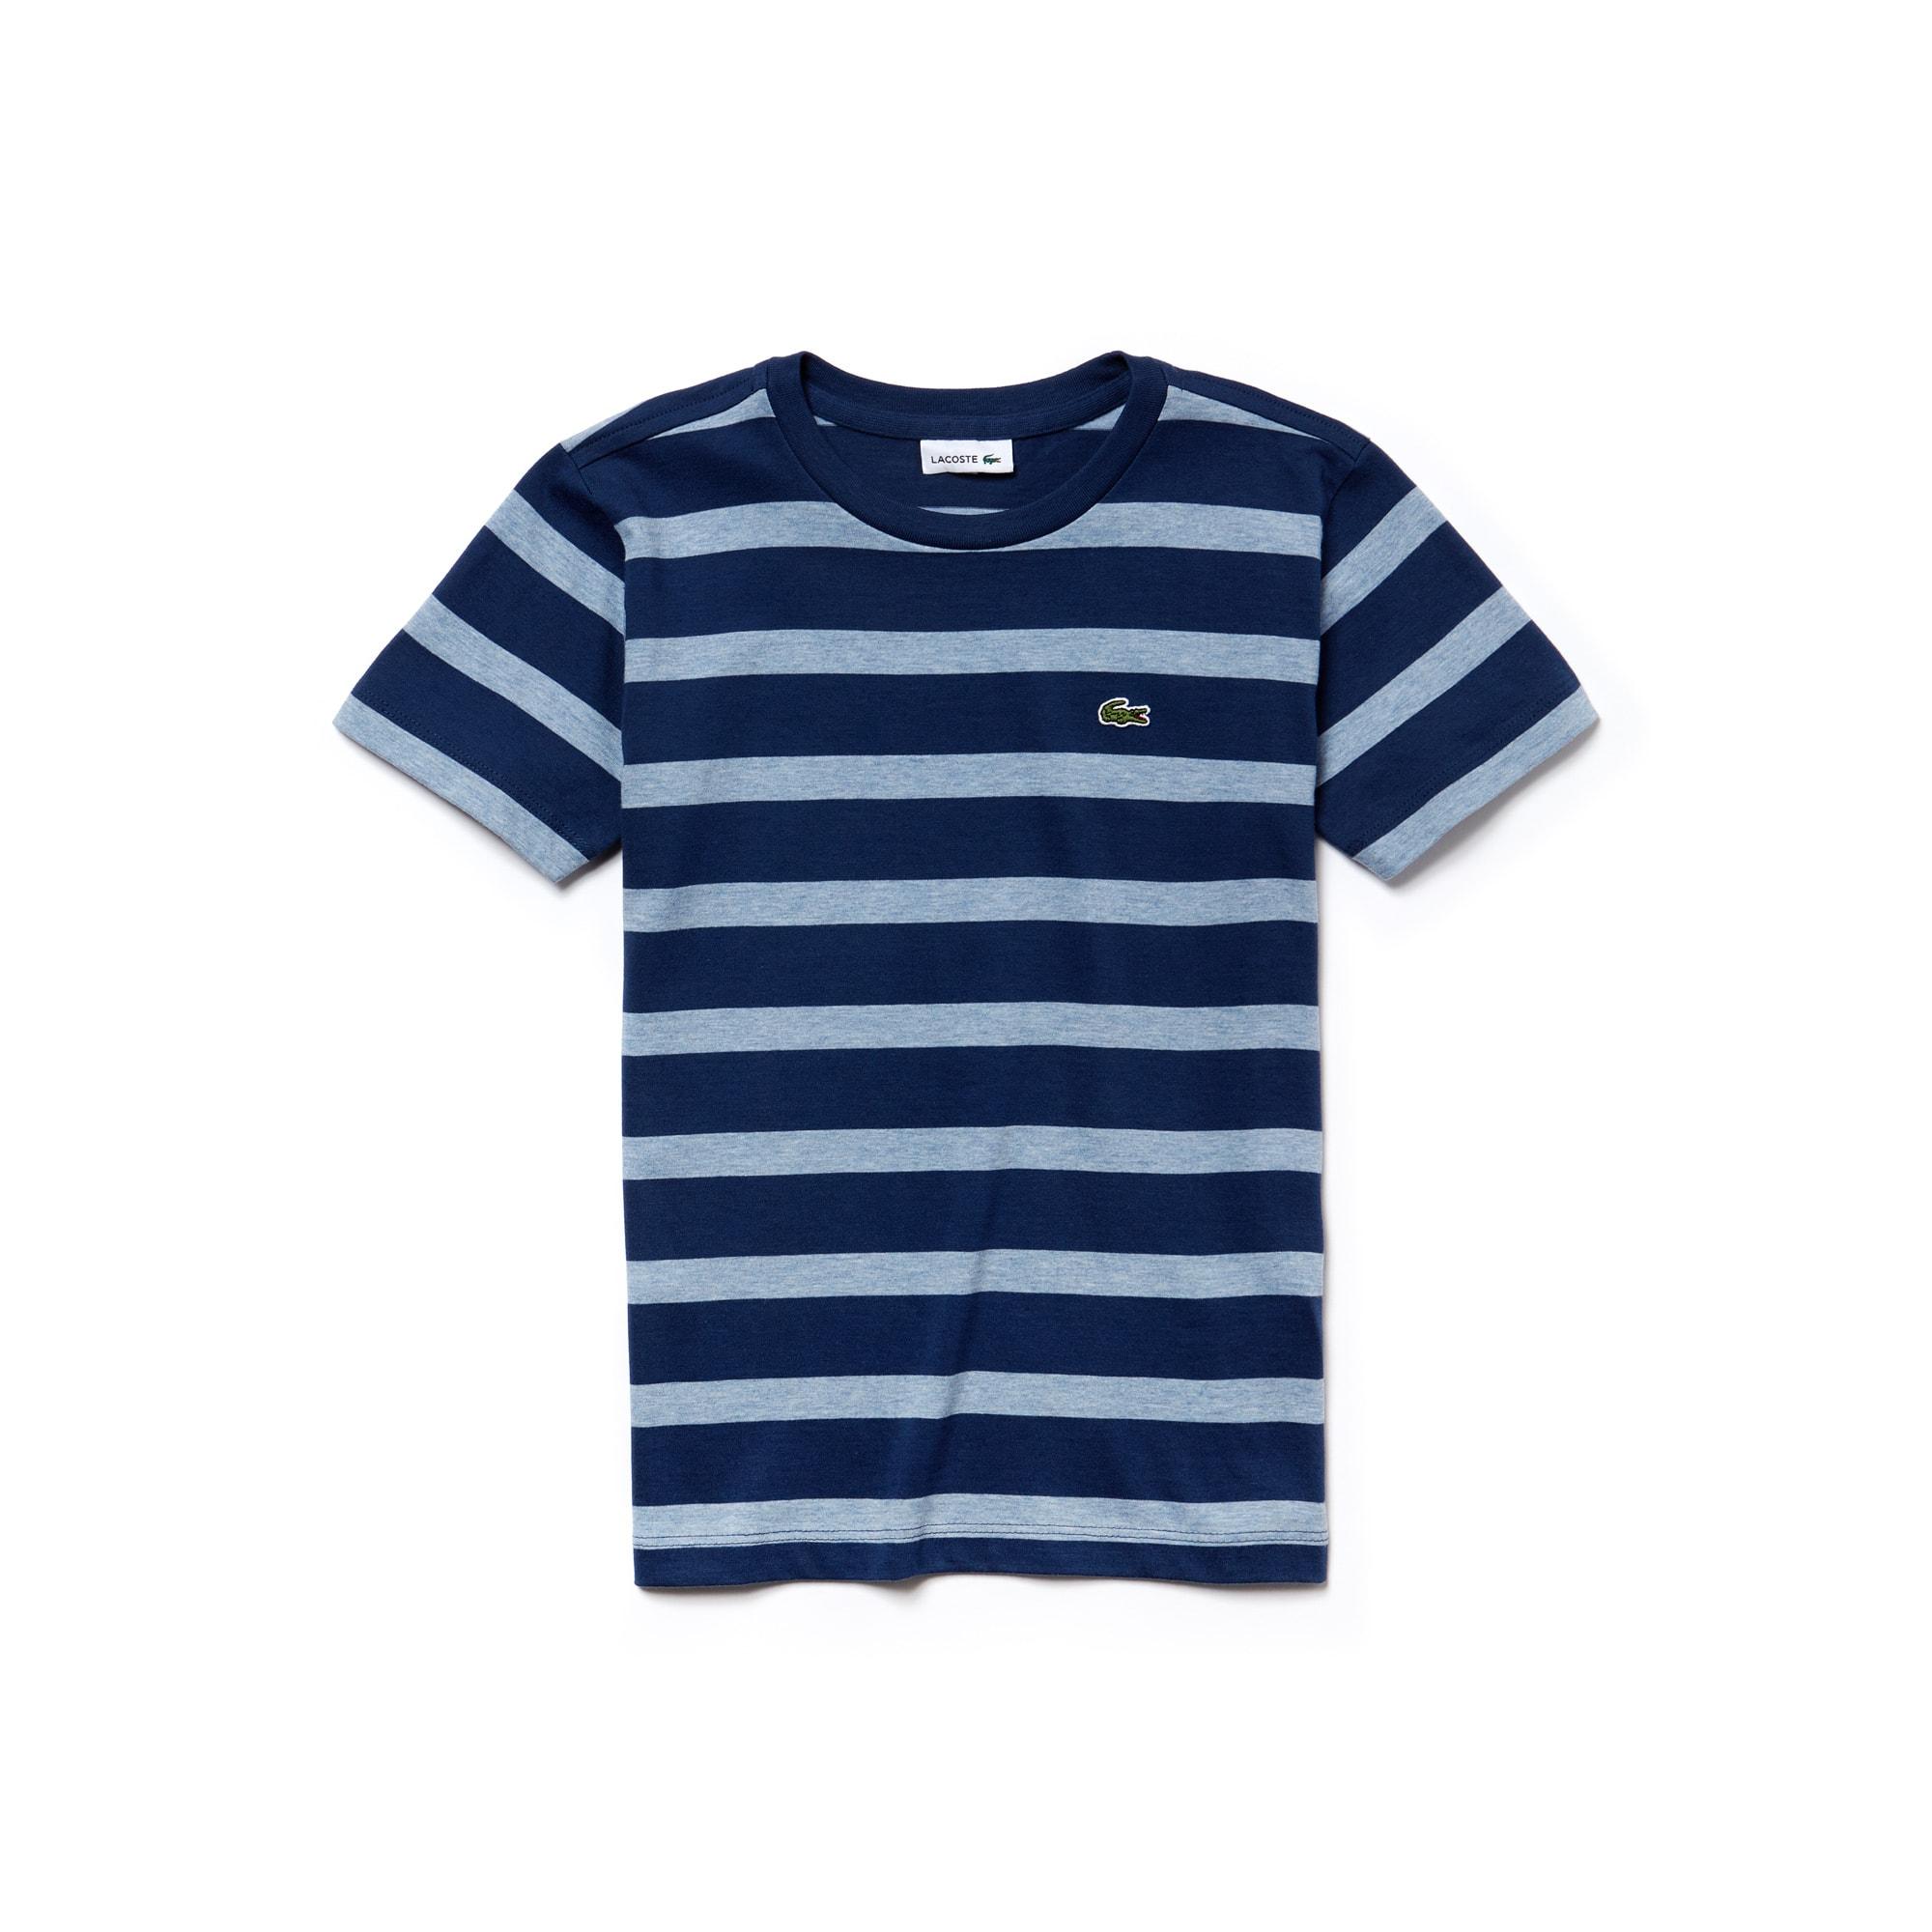 Camiseta Infantil Masculina em Jérsei de Algodão Listrado